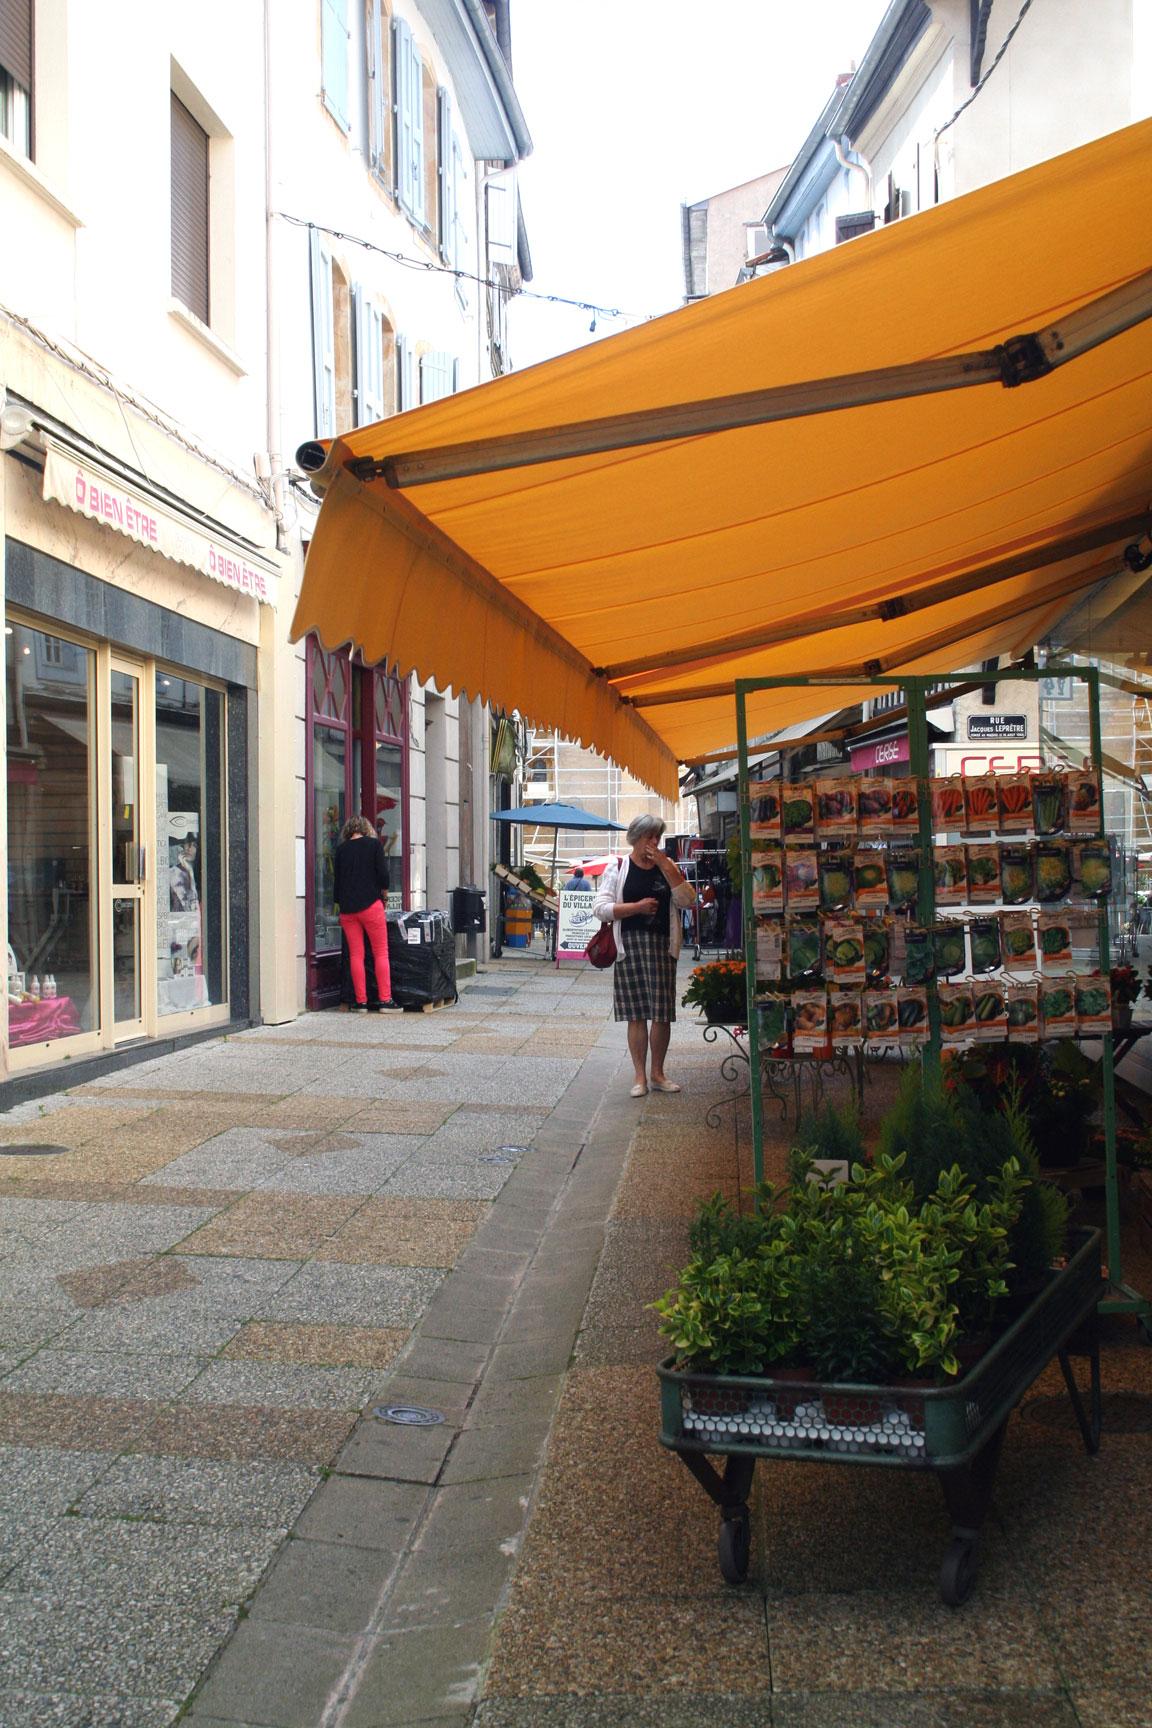 commerces-rue-mathe2-web